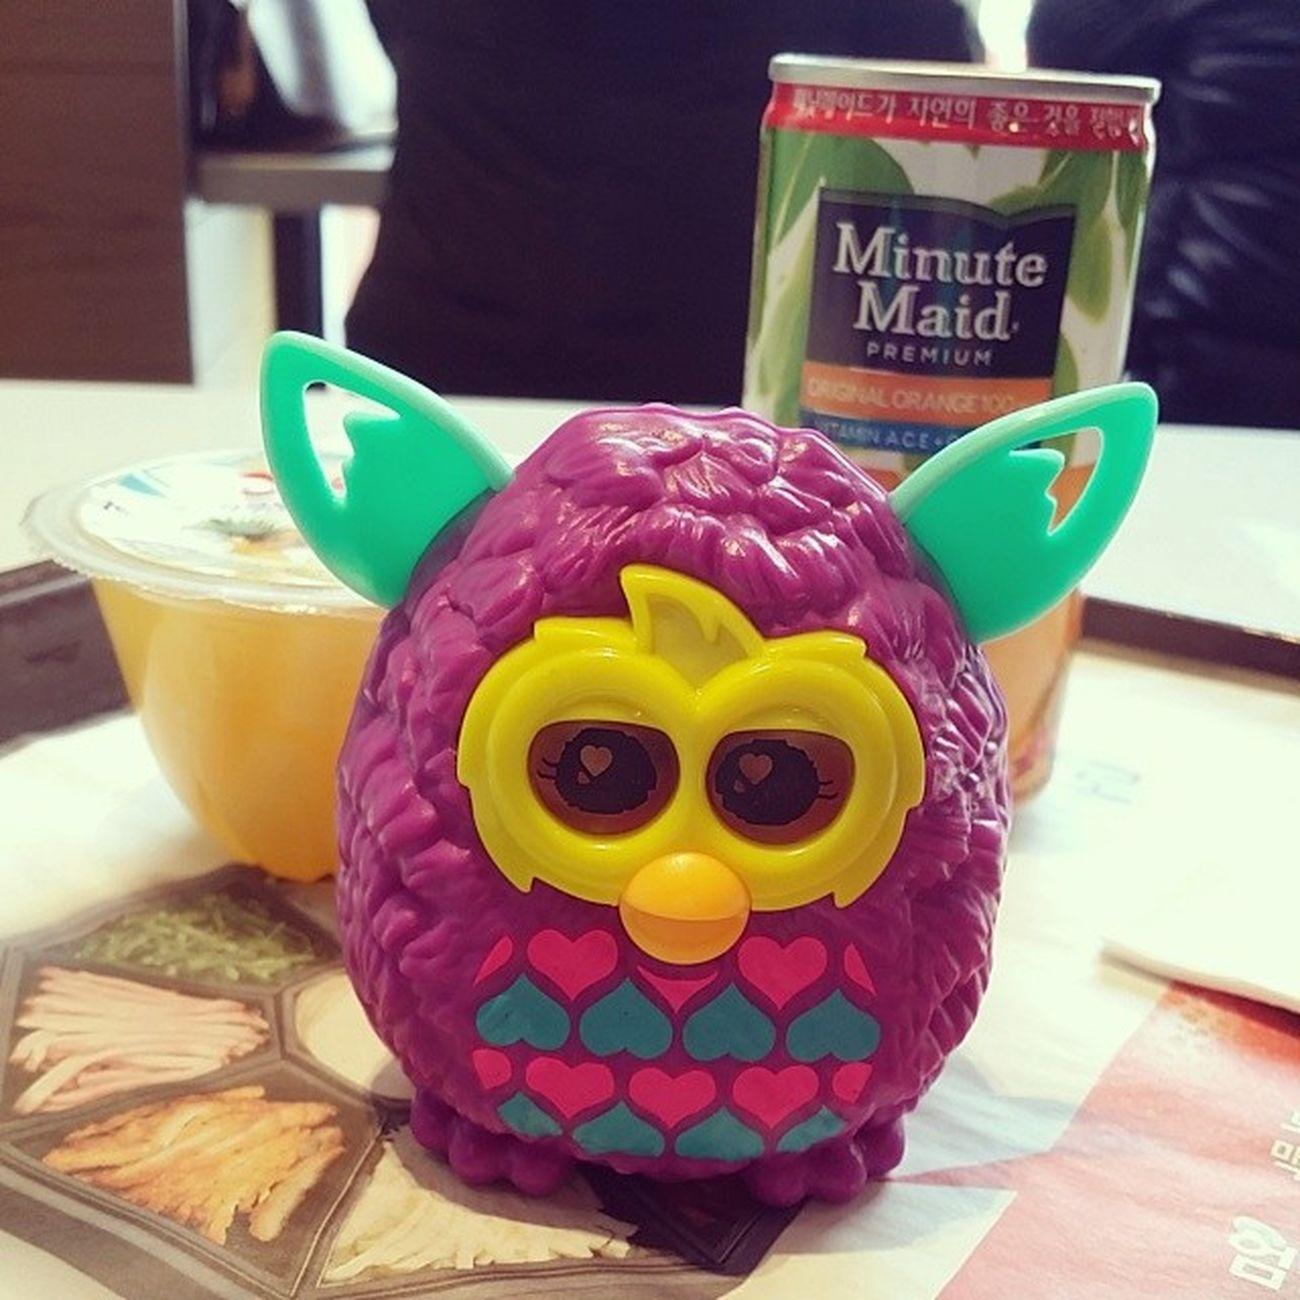 건젼당ㅋㅋㅋ 맥도날드 맥날 에서 해피밀 맥모닝 맥모닝세트 m도날드 Furby Boom 퍼비 핑크앤블루하트 yummy 맛스타그램 먹스타그램 foodstagram korea